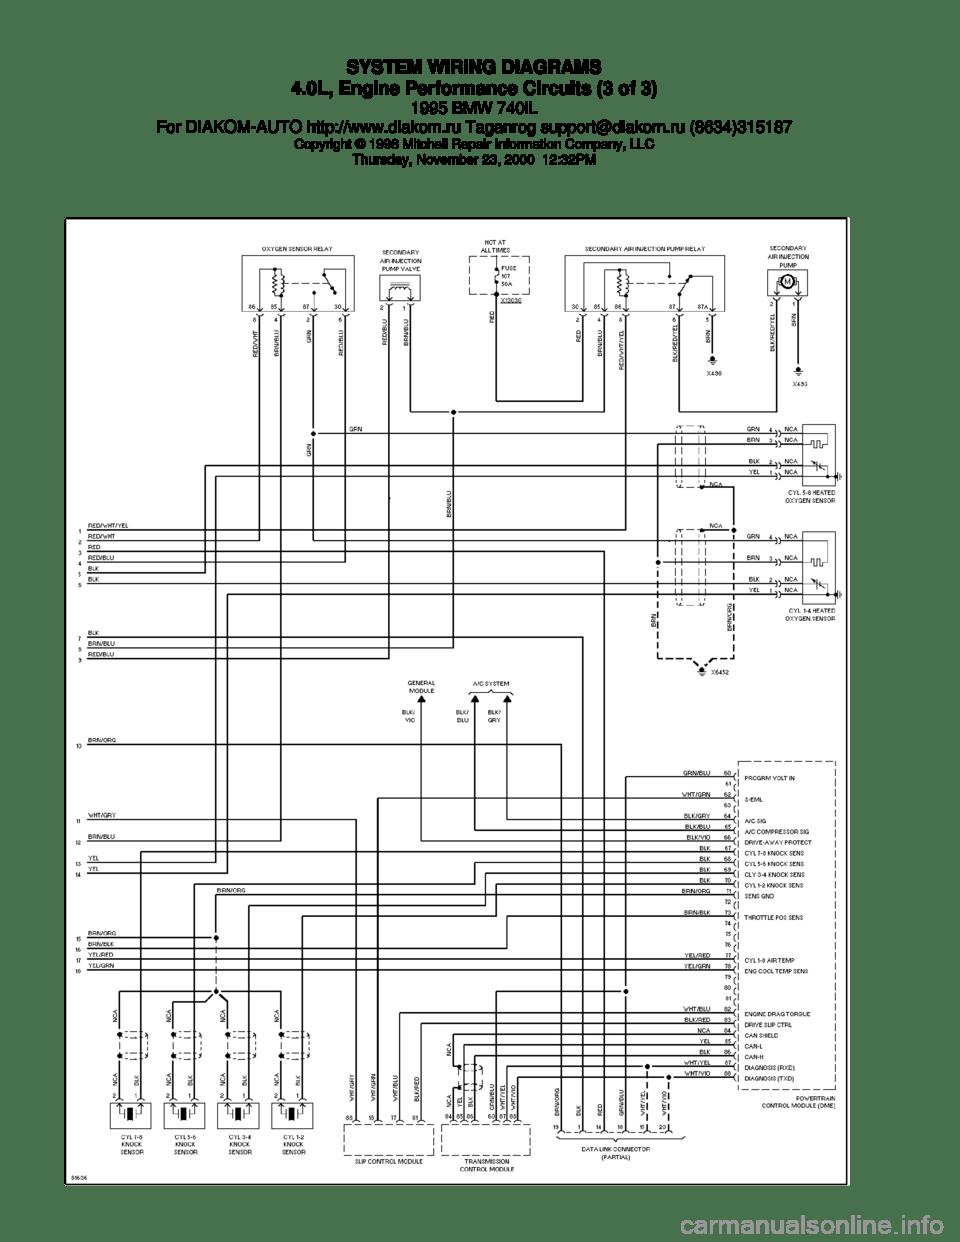 medium resolution of bmw 740il wiring diagram wiring diagram 1998 bmw 740il radio wiring diagram bmw 740il 1995 e38